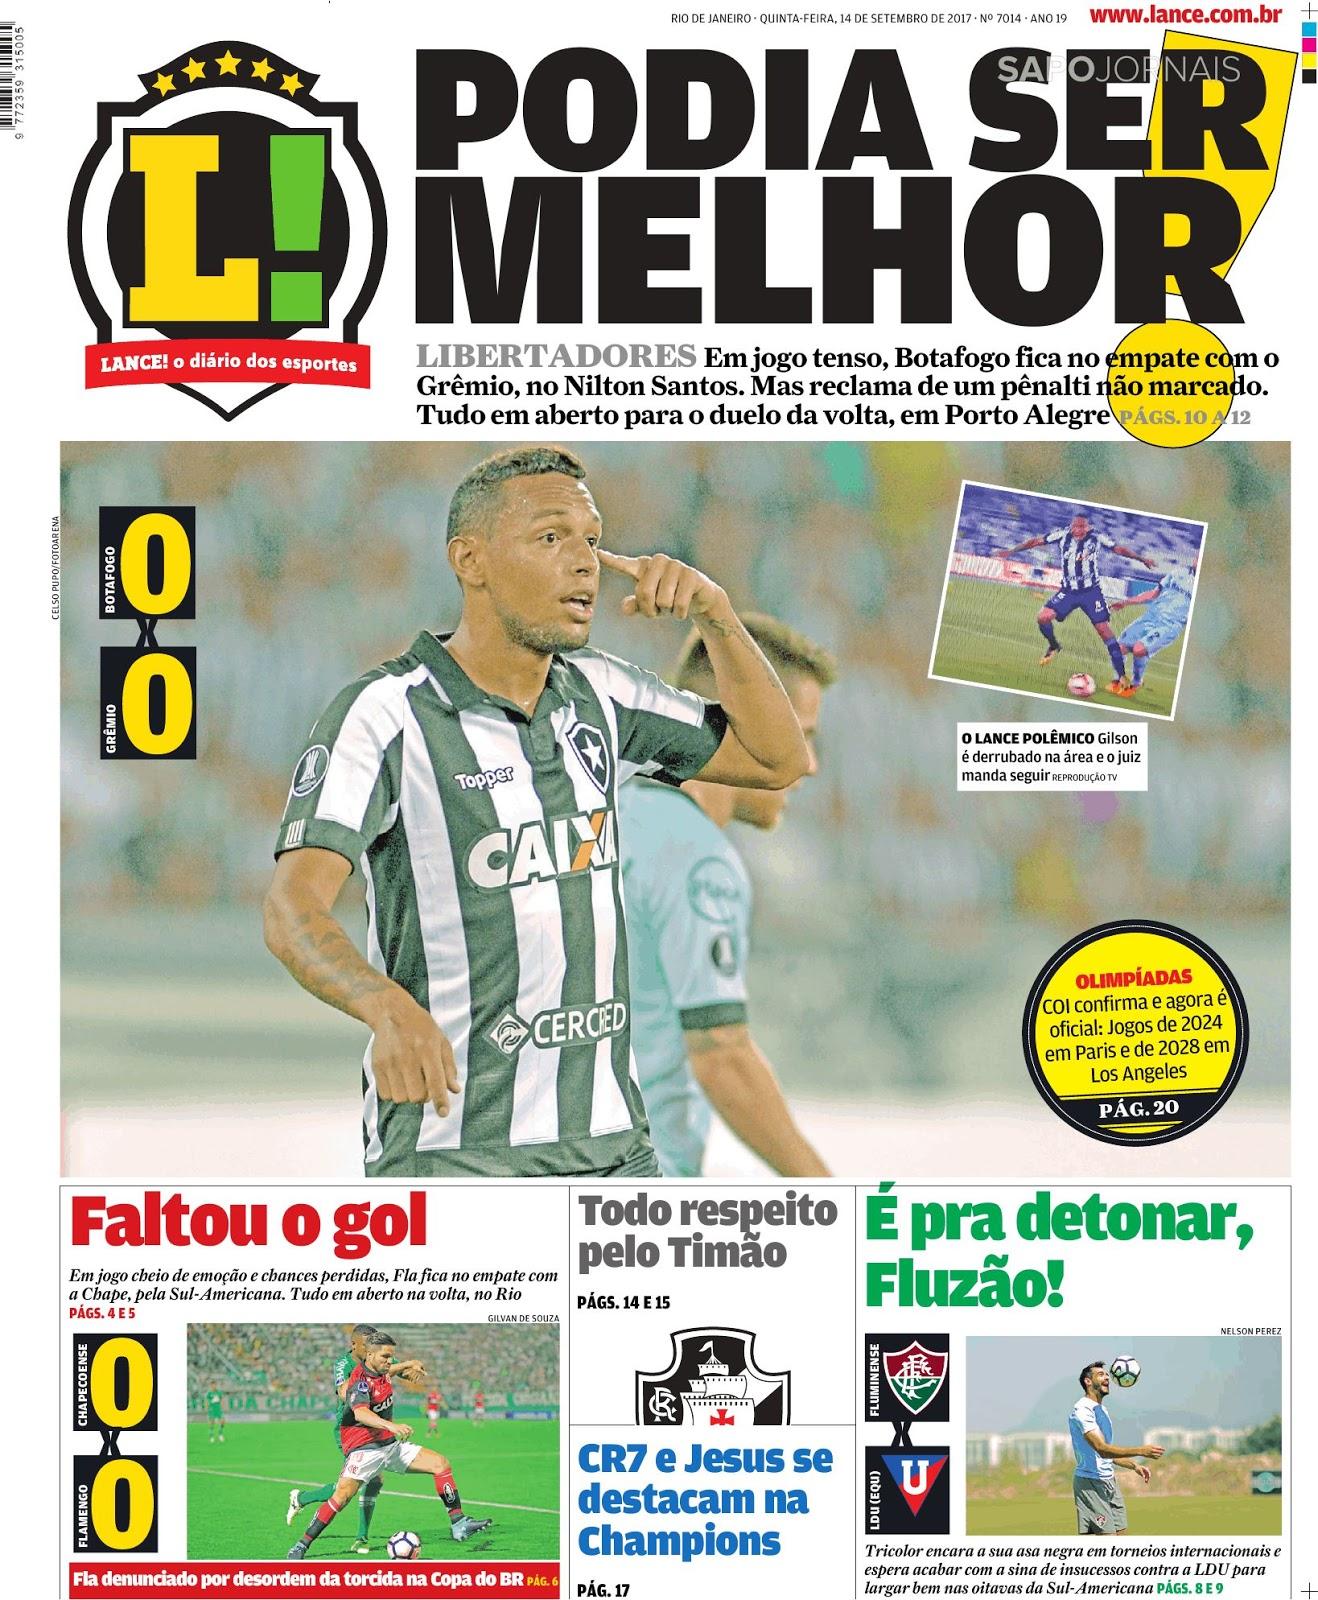 cbee0ada31327 Botafogo empata no Nilton Santos e decidirá vaga com Grêmio em Porto Alegre  - Sul-Americana  tudo igual também entre Chape e Flamengo